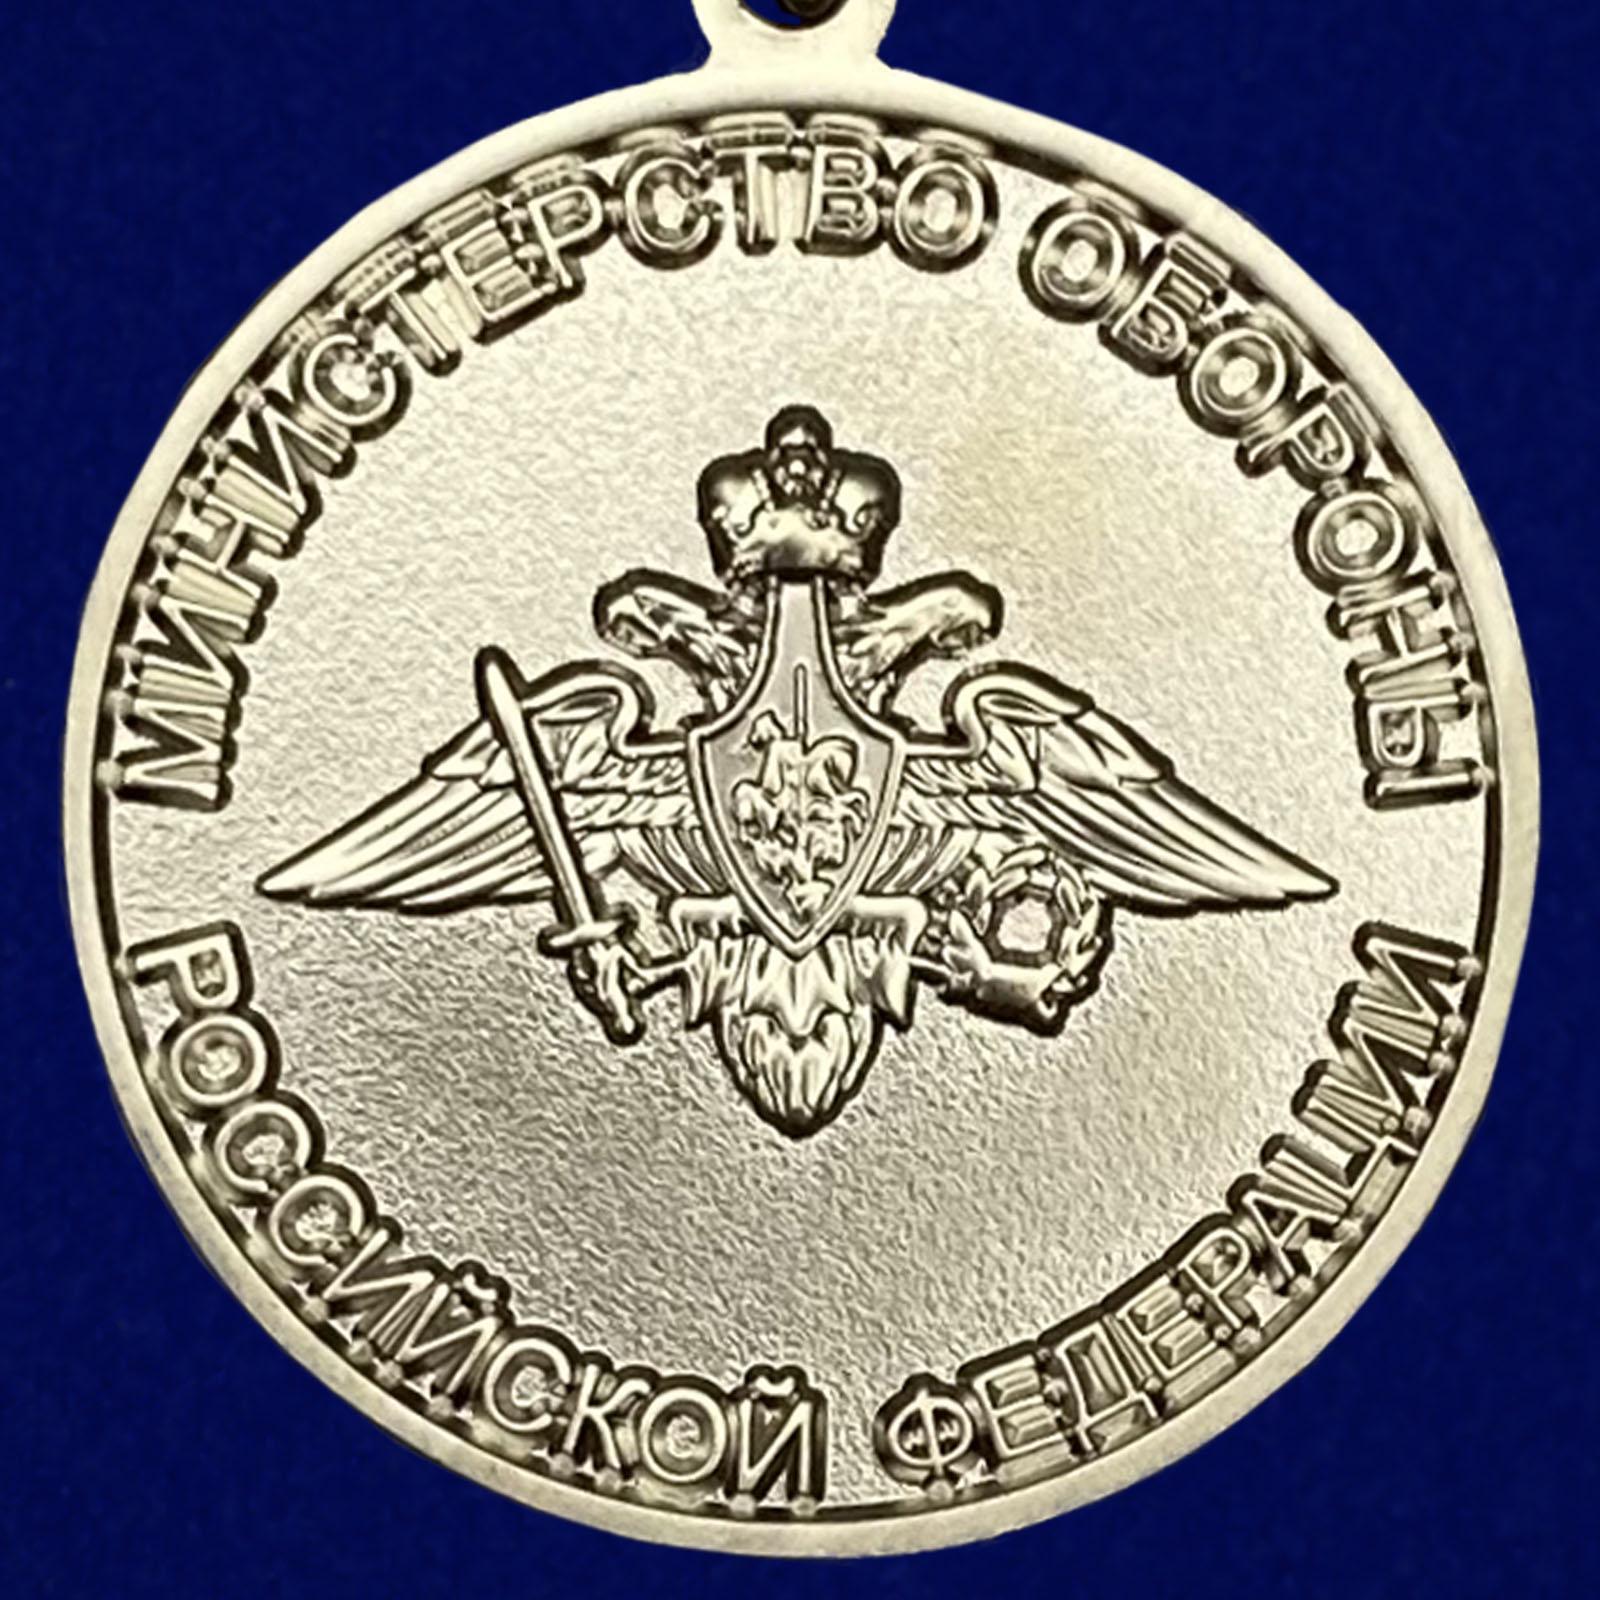 """Купить медаль """"Генерал-лейтенант Ковалев"""""""